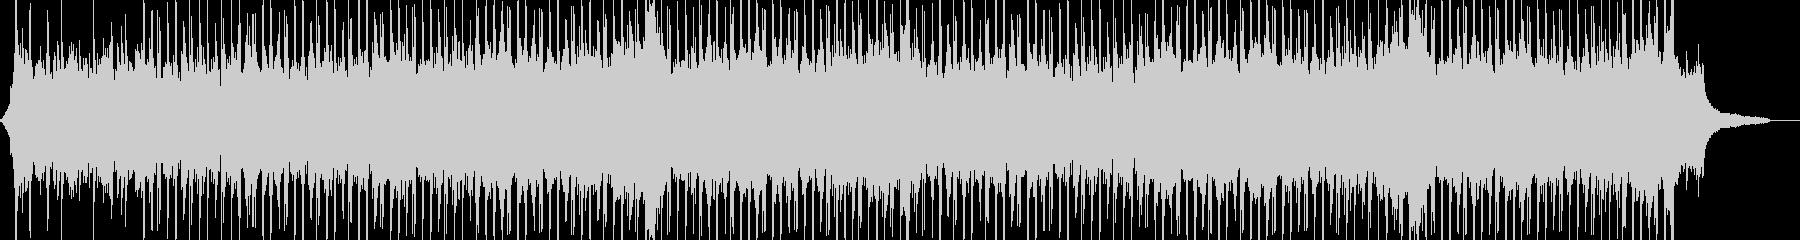 企業VP系48、爽やかピアノ4つ打ちaの未再生の波形